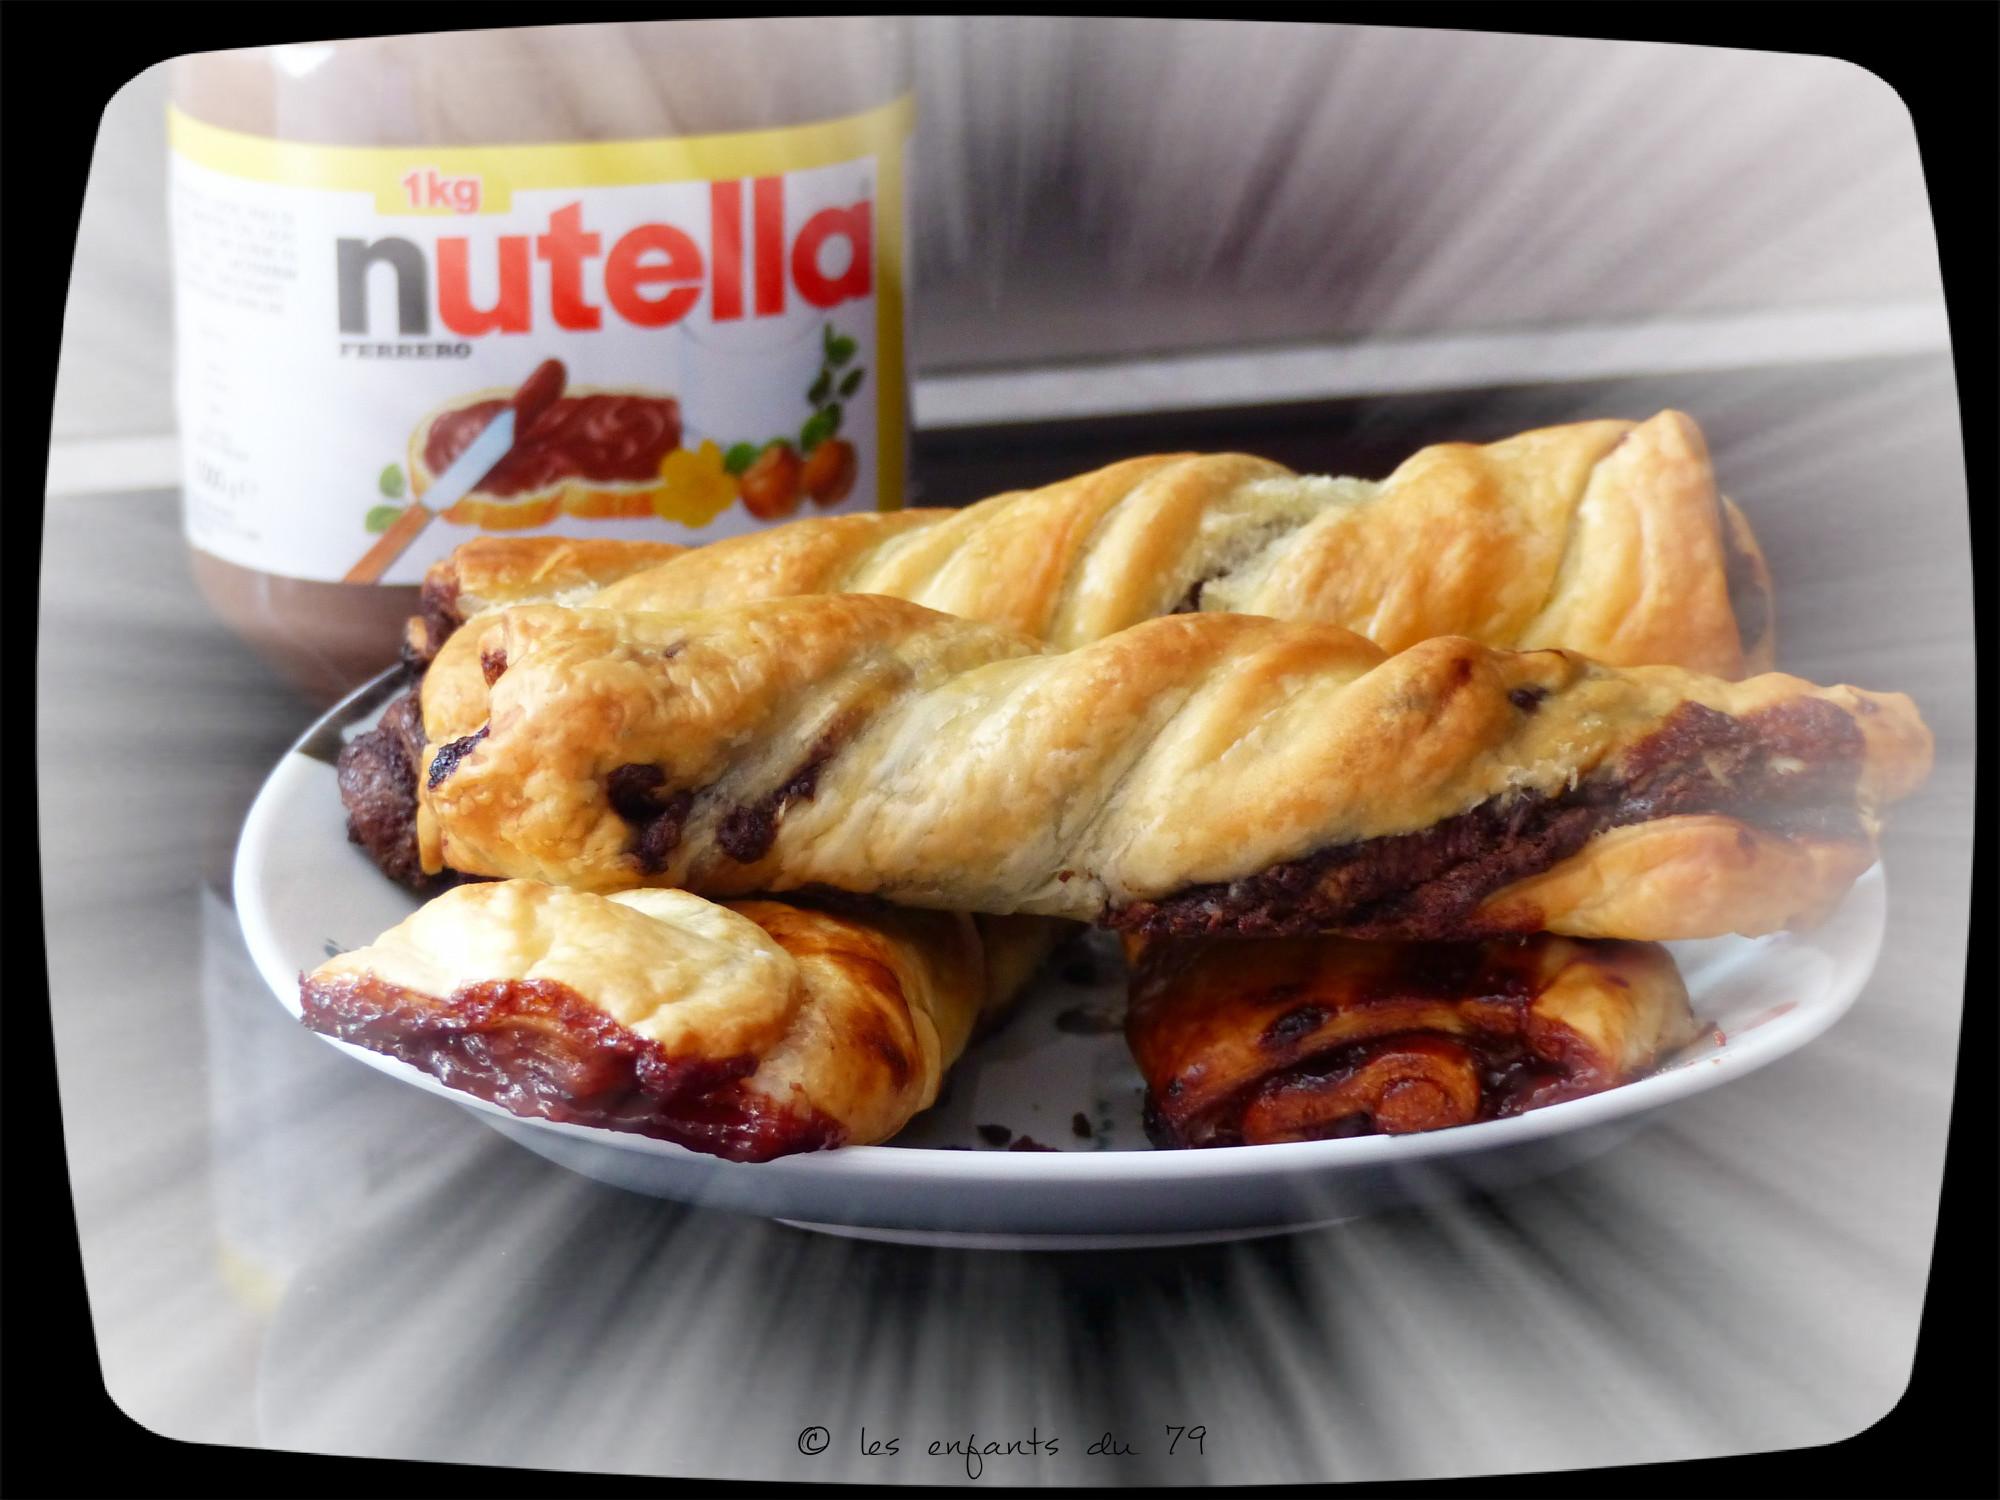 Torsades au nutella ou la confiture recette simple et rapide lesenfantsdu79 - Recettes rapides 10 a 15 minutes maxi ...